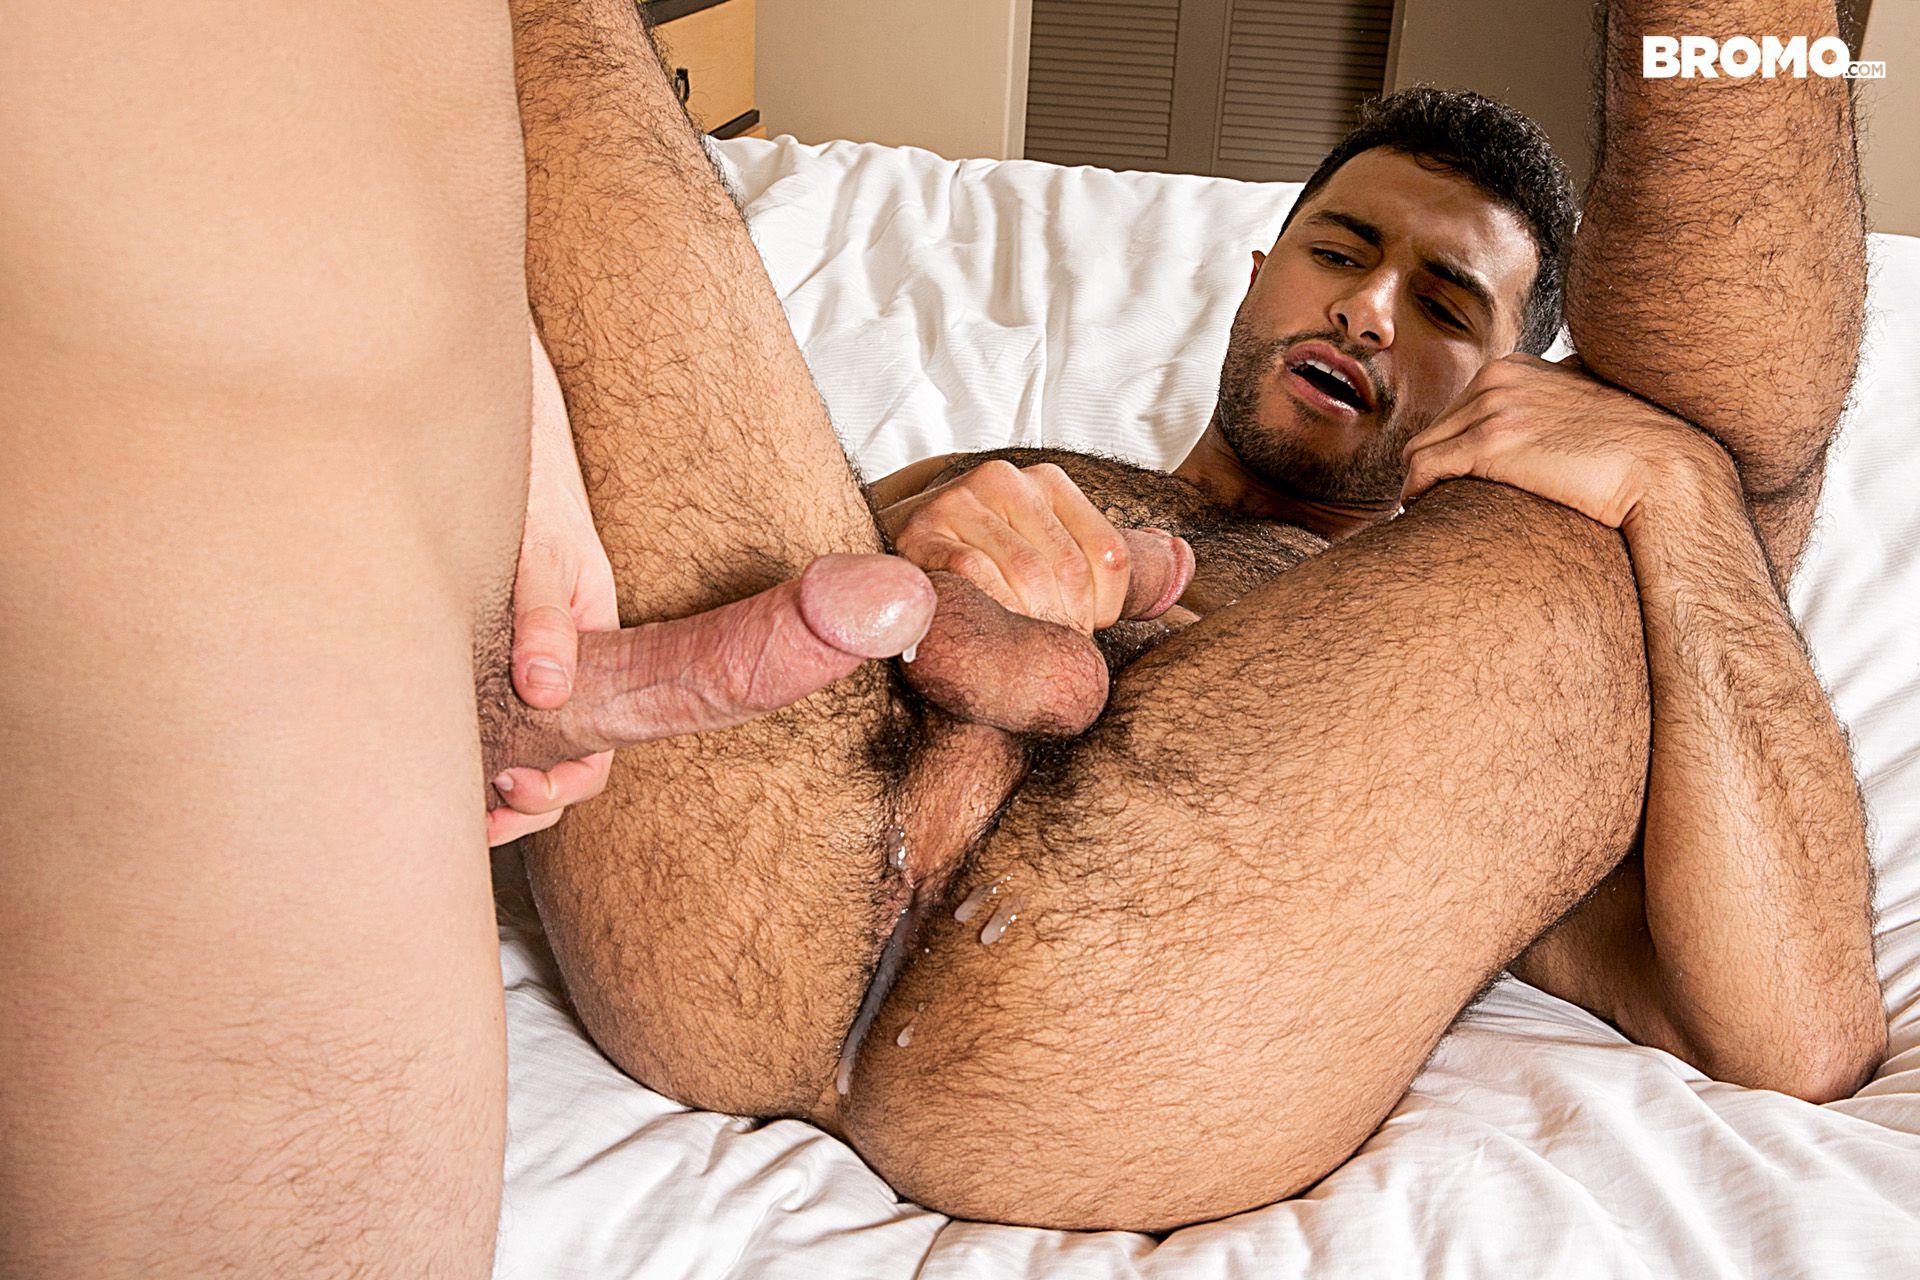 Western gay porn